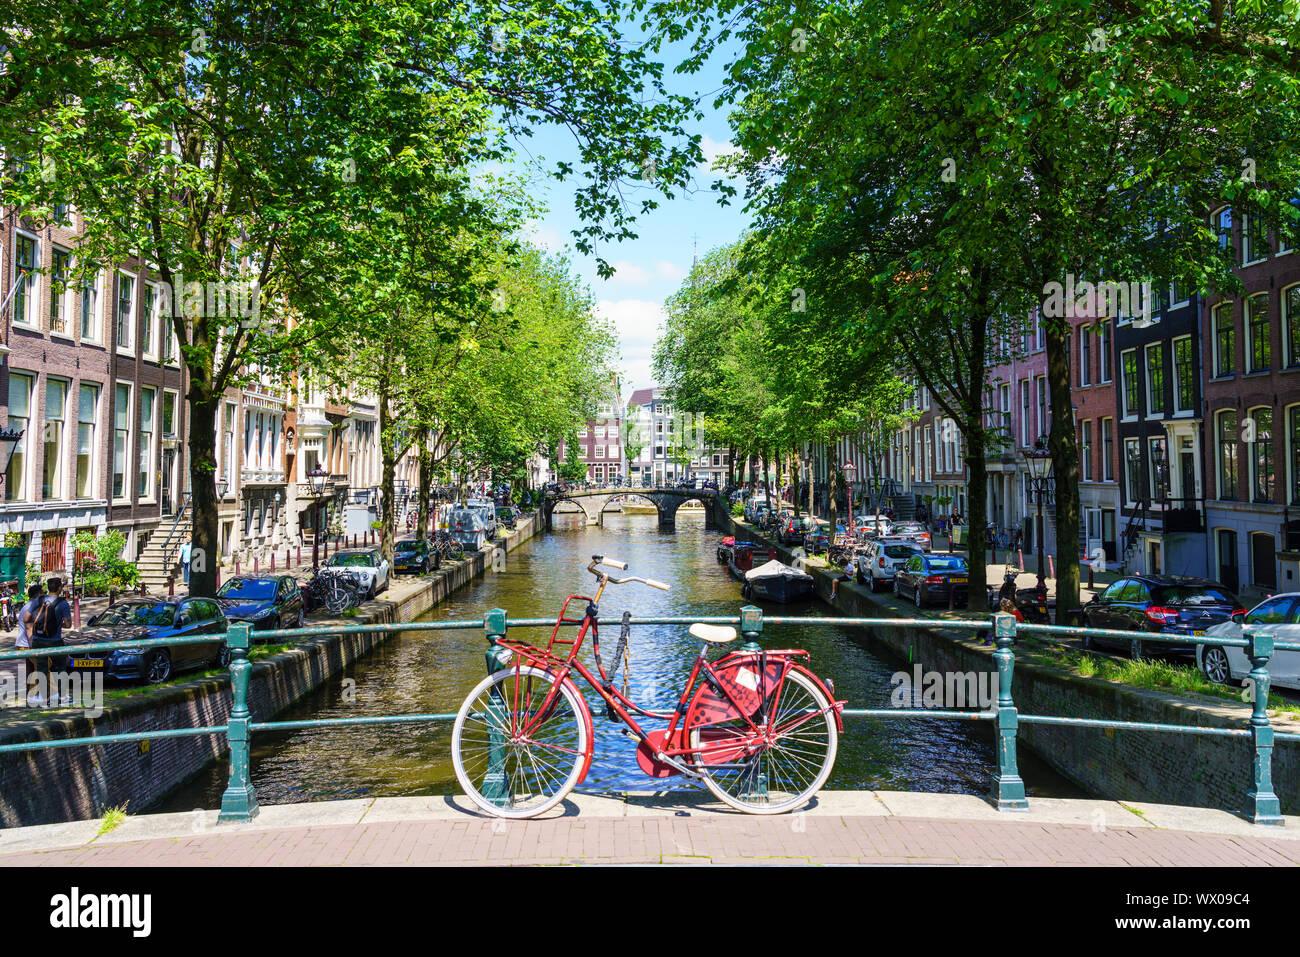 Location sur un pont, canal Leidsegracht, Amsterdam, Hollande du Nord, les Pays-Bas, Europe Banque D'Images